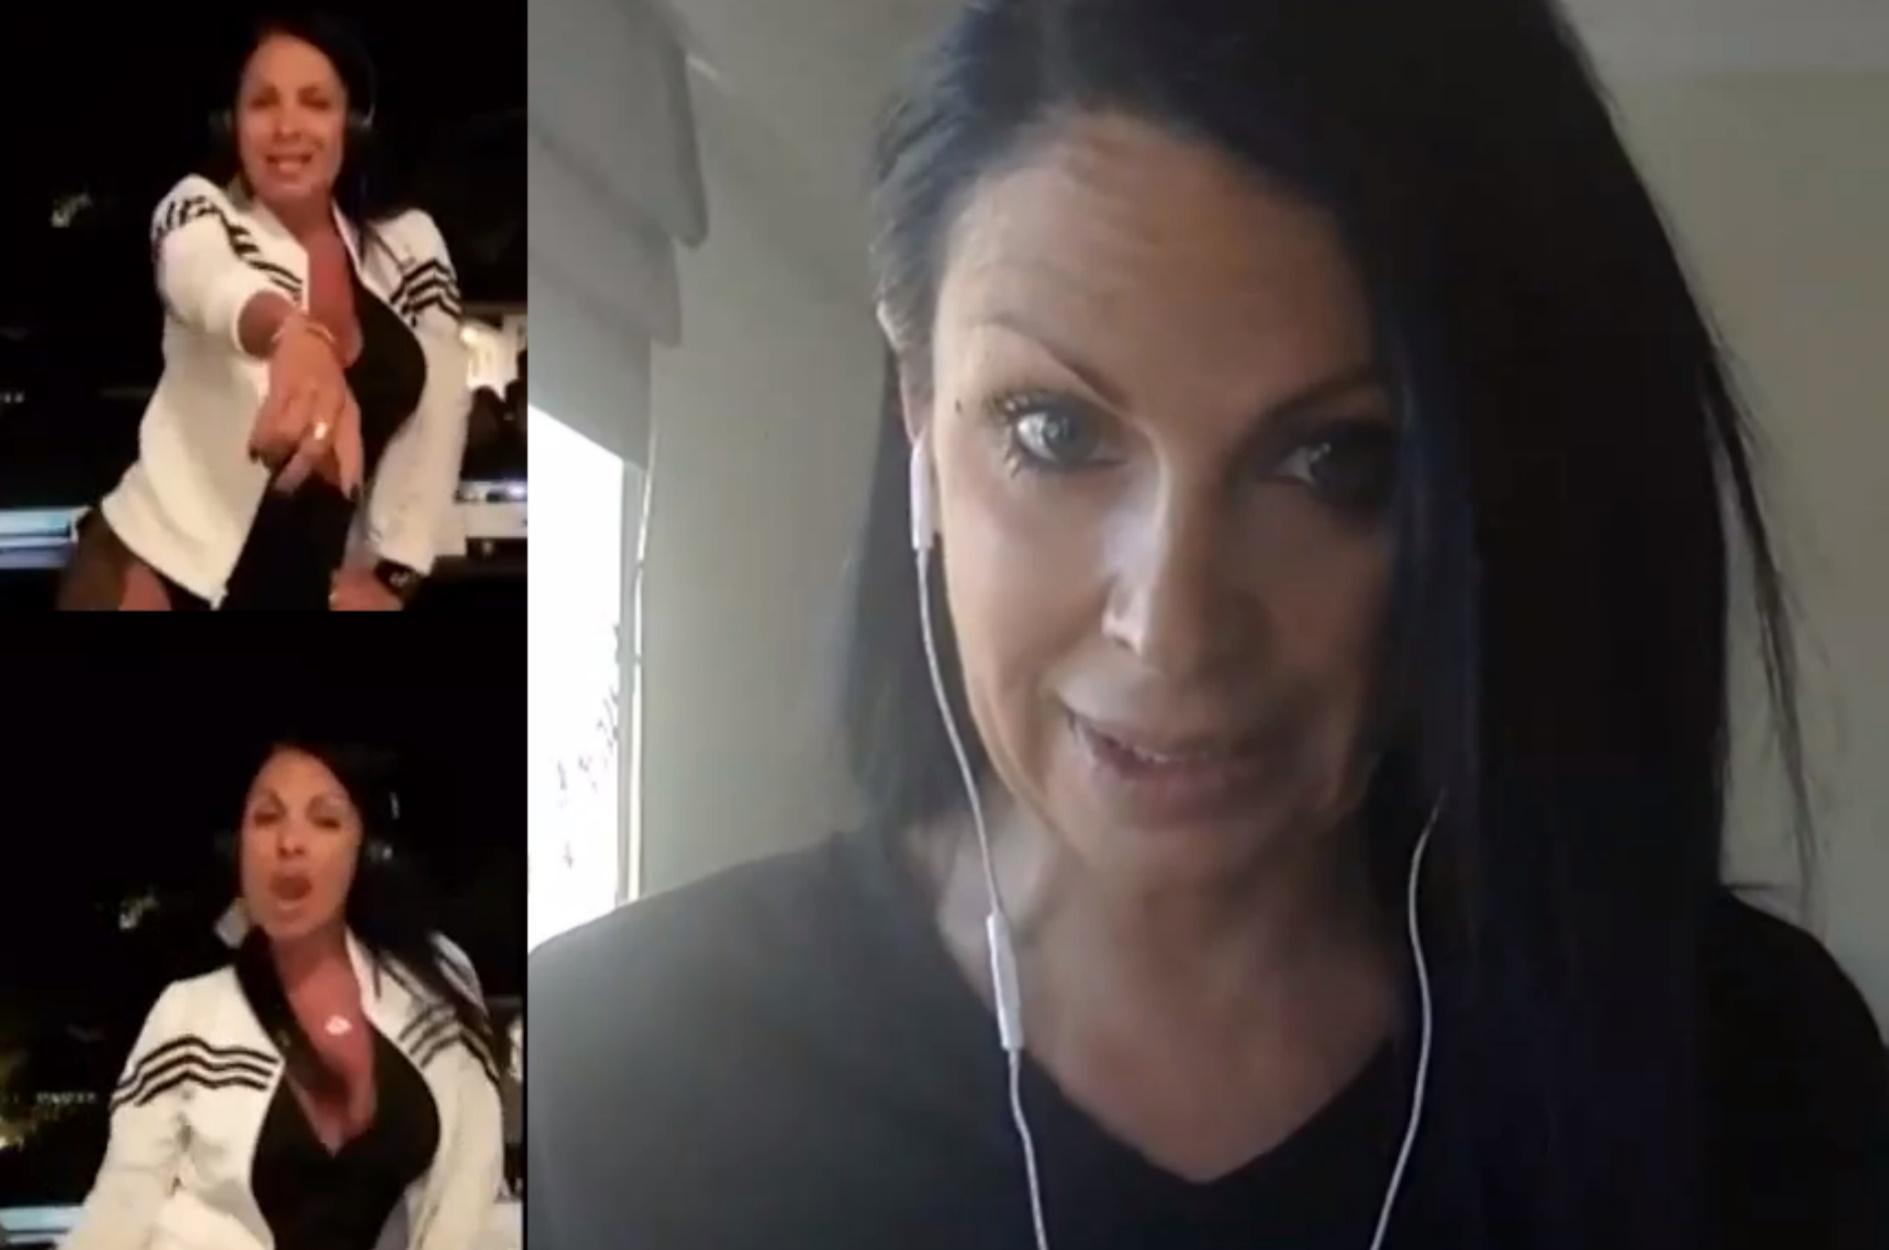 Άντζελα Παντελή: Αυτή είναι η DJ που έβαλε «φωτιά» στο Ντουμπάι